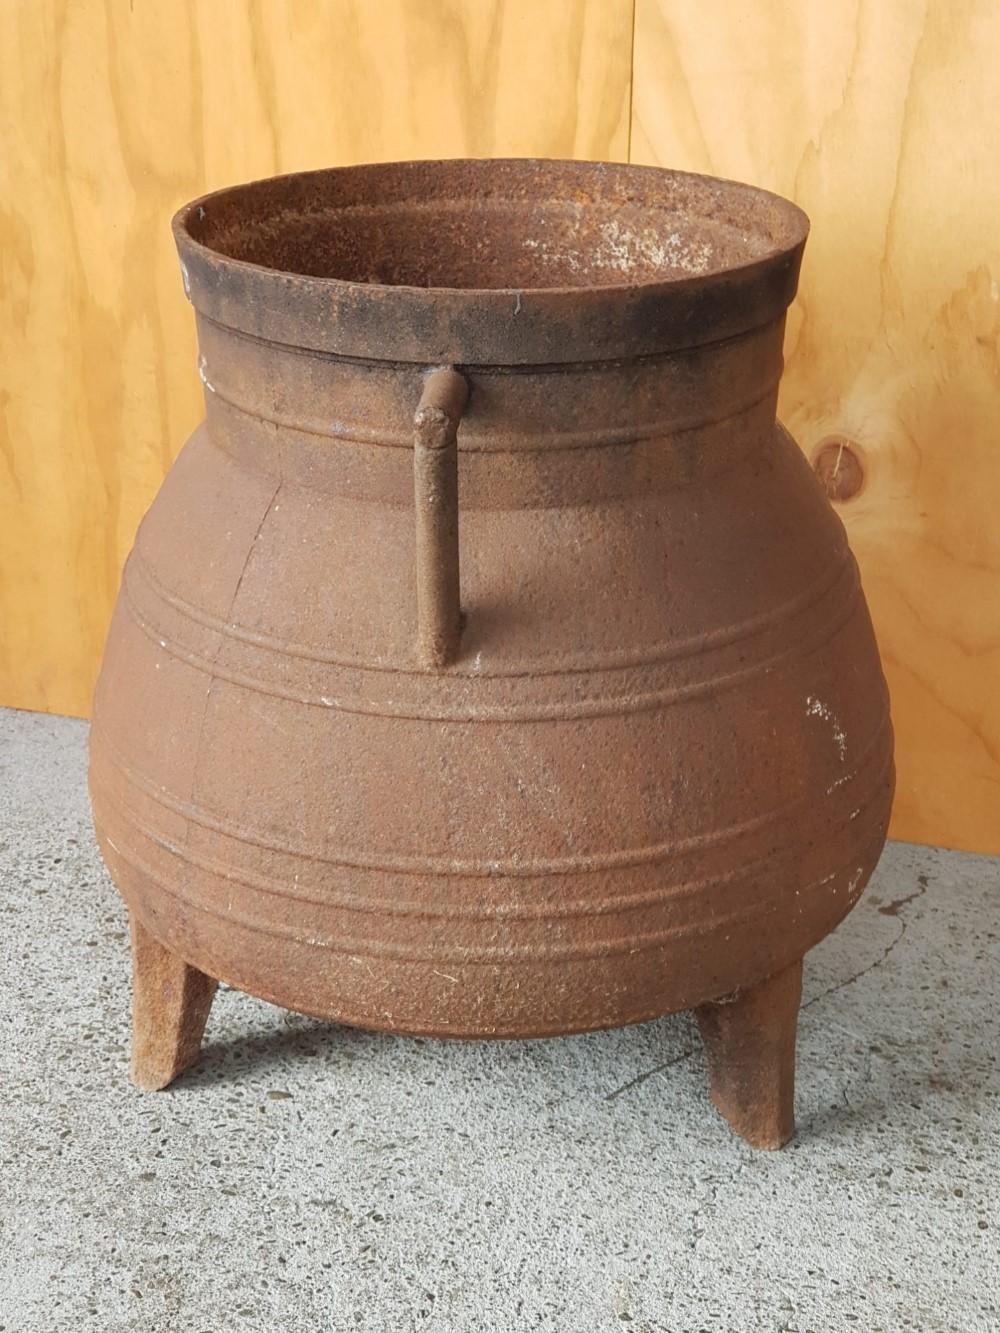 Cast-iron-pot